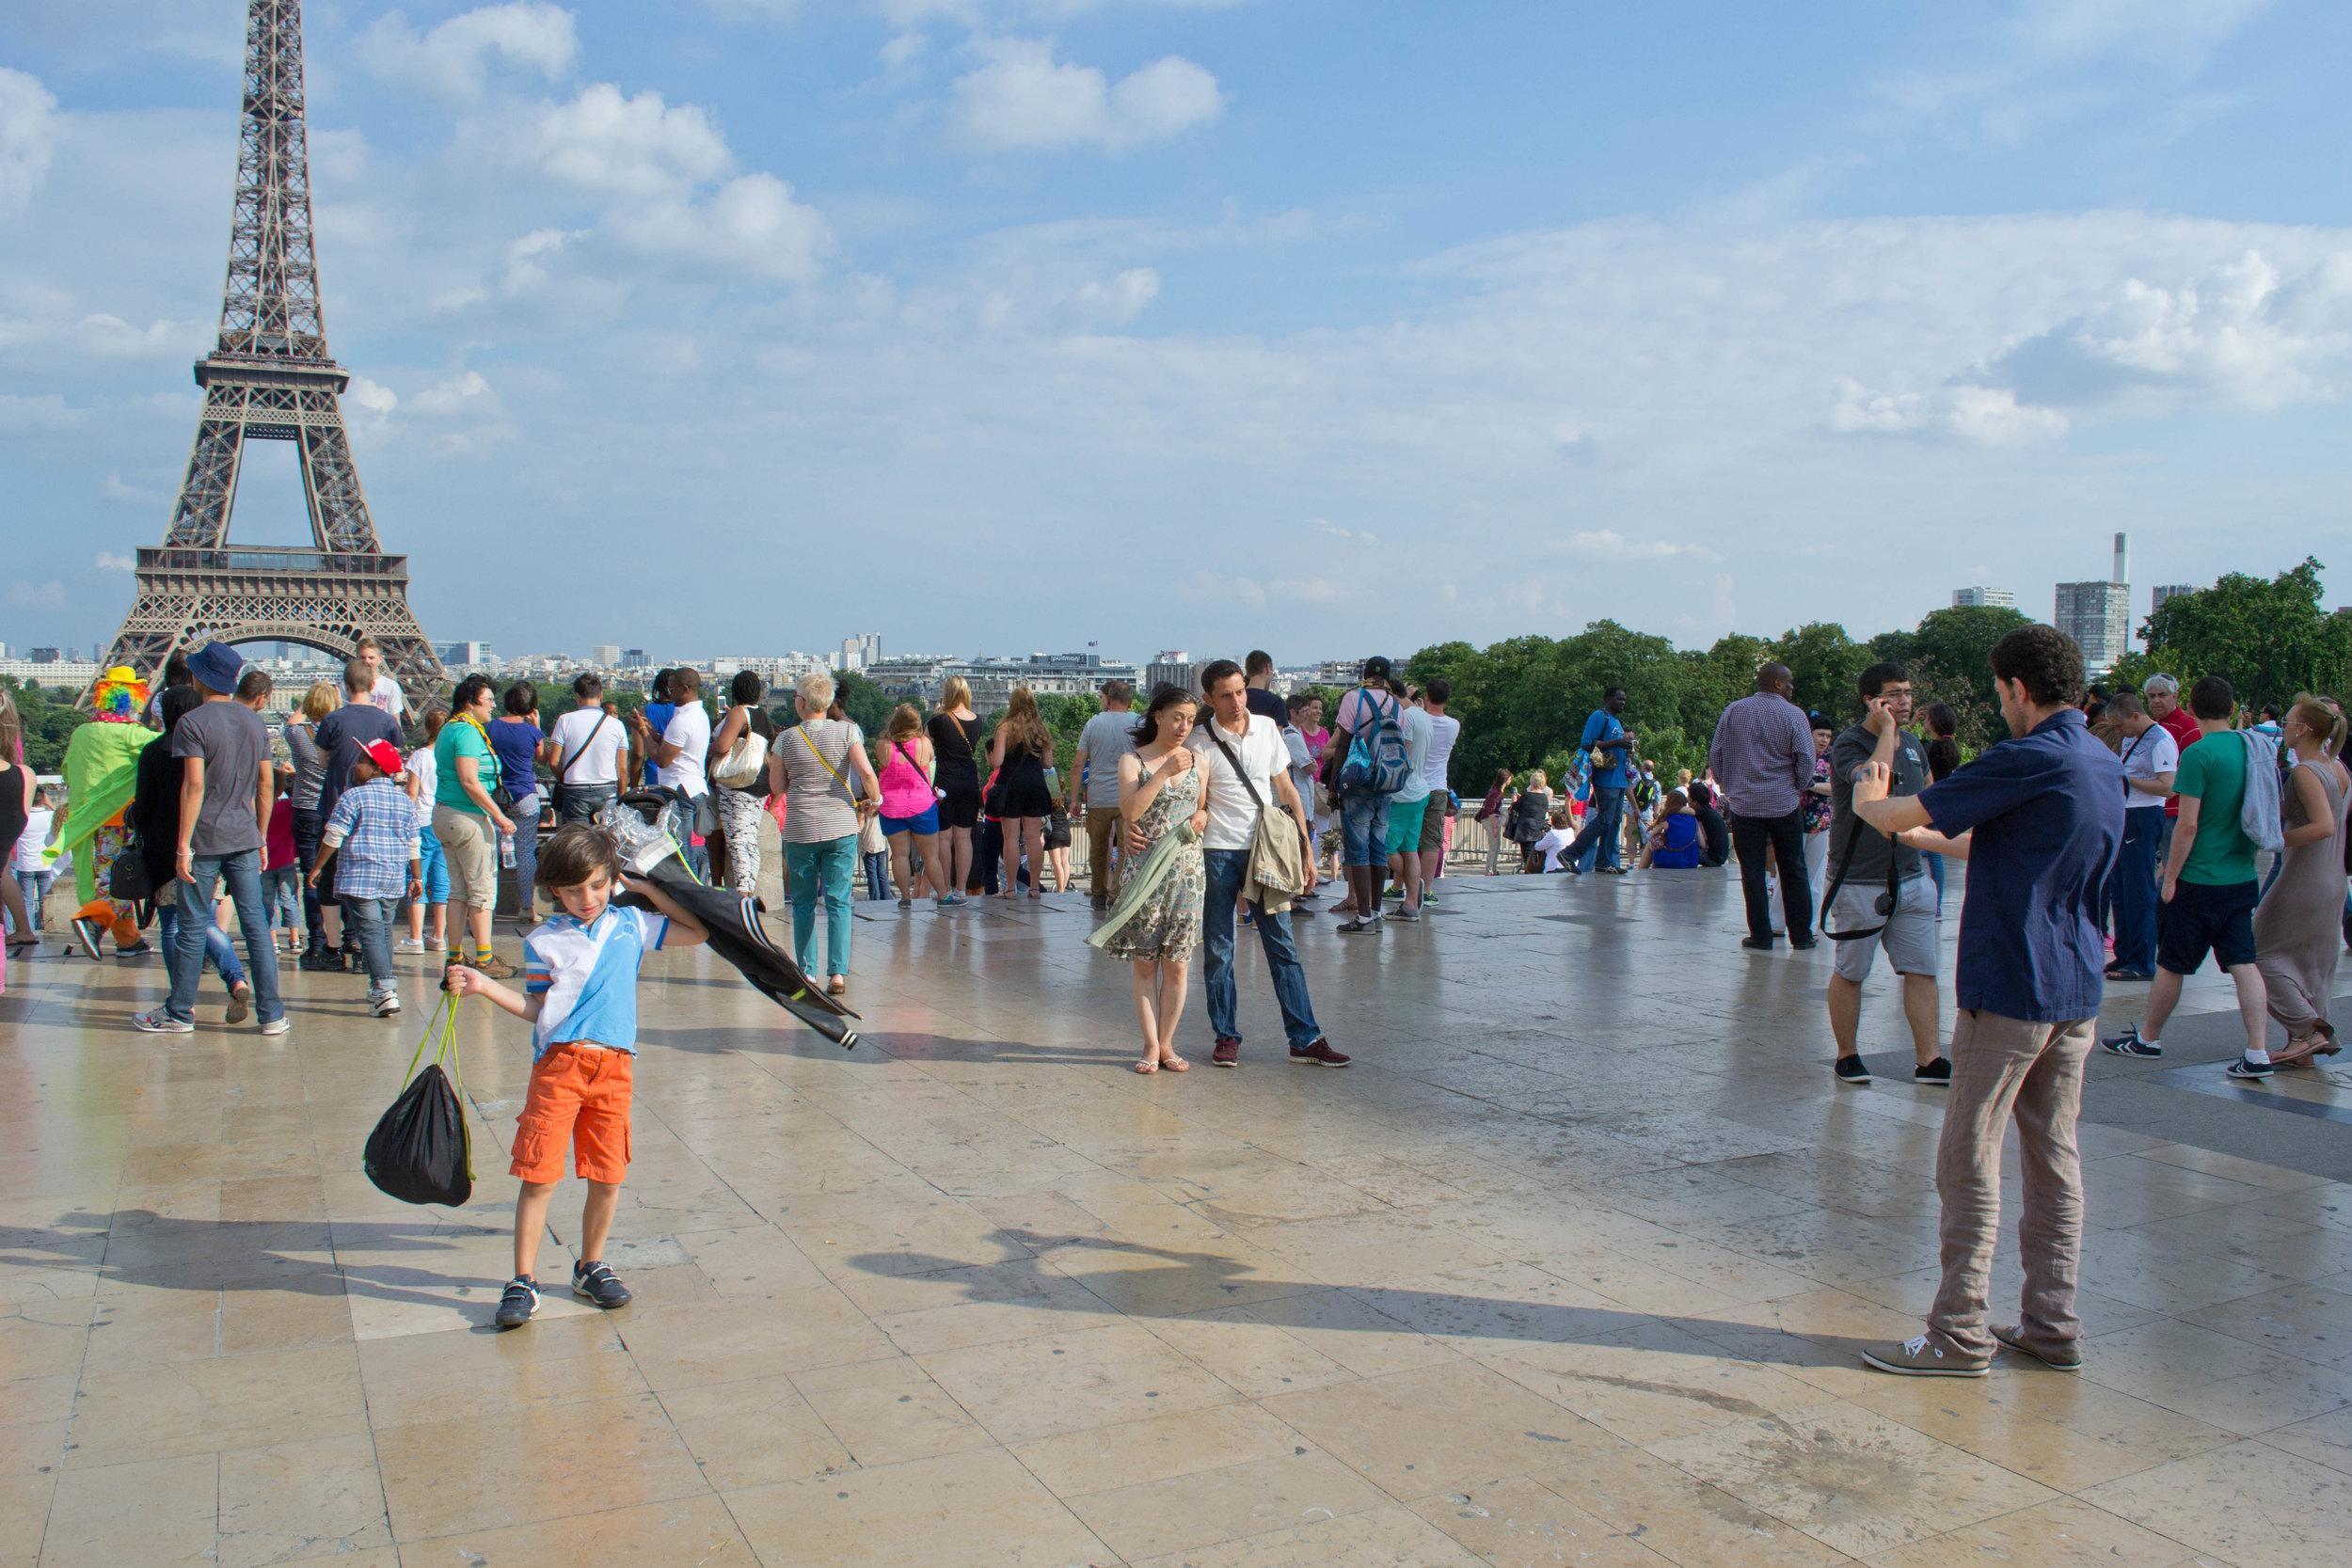 Nabil tager et billede af to af hans venner fra smuglerbåden foran Eiffeltårnet, mens kvindens søn svinger rundt om sig selv. De rejste hver for sig gennem Europa men blev genforenet for en dag i Paris.Foto: Rasmus Bøgeskov Larsen